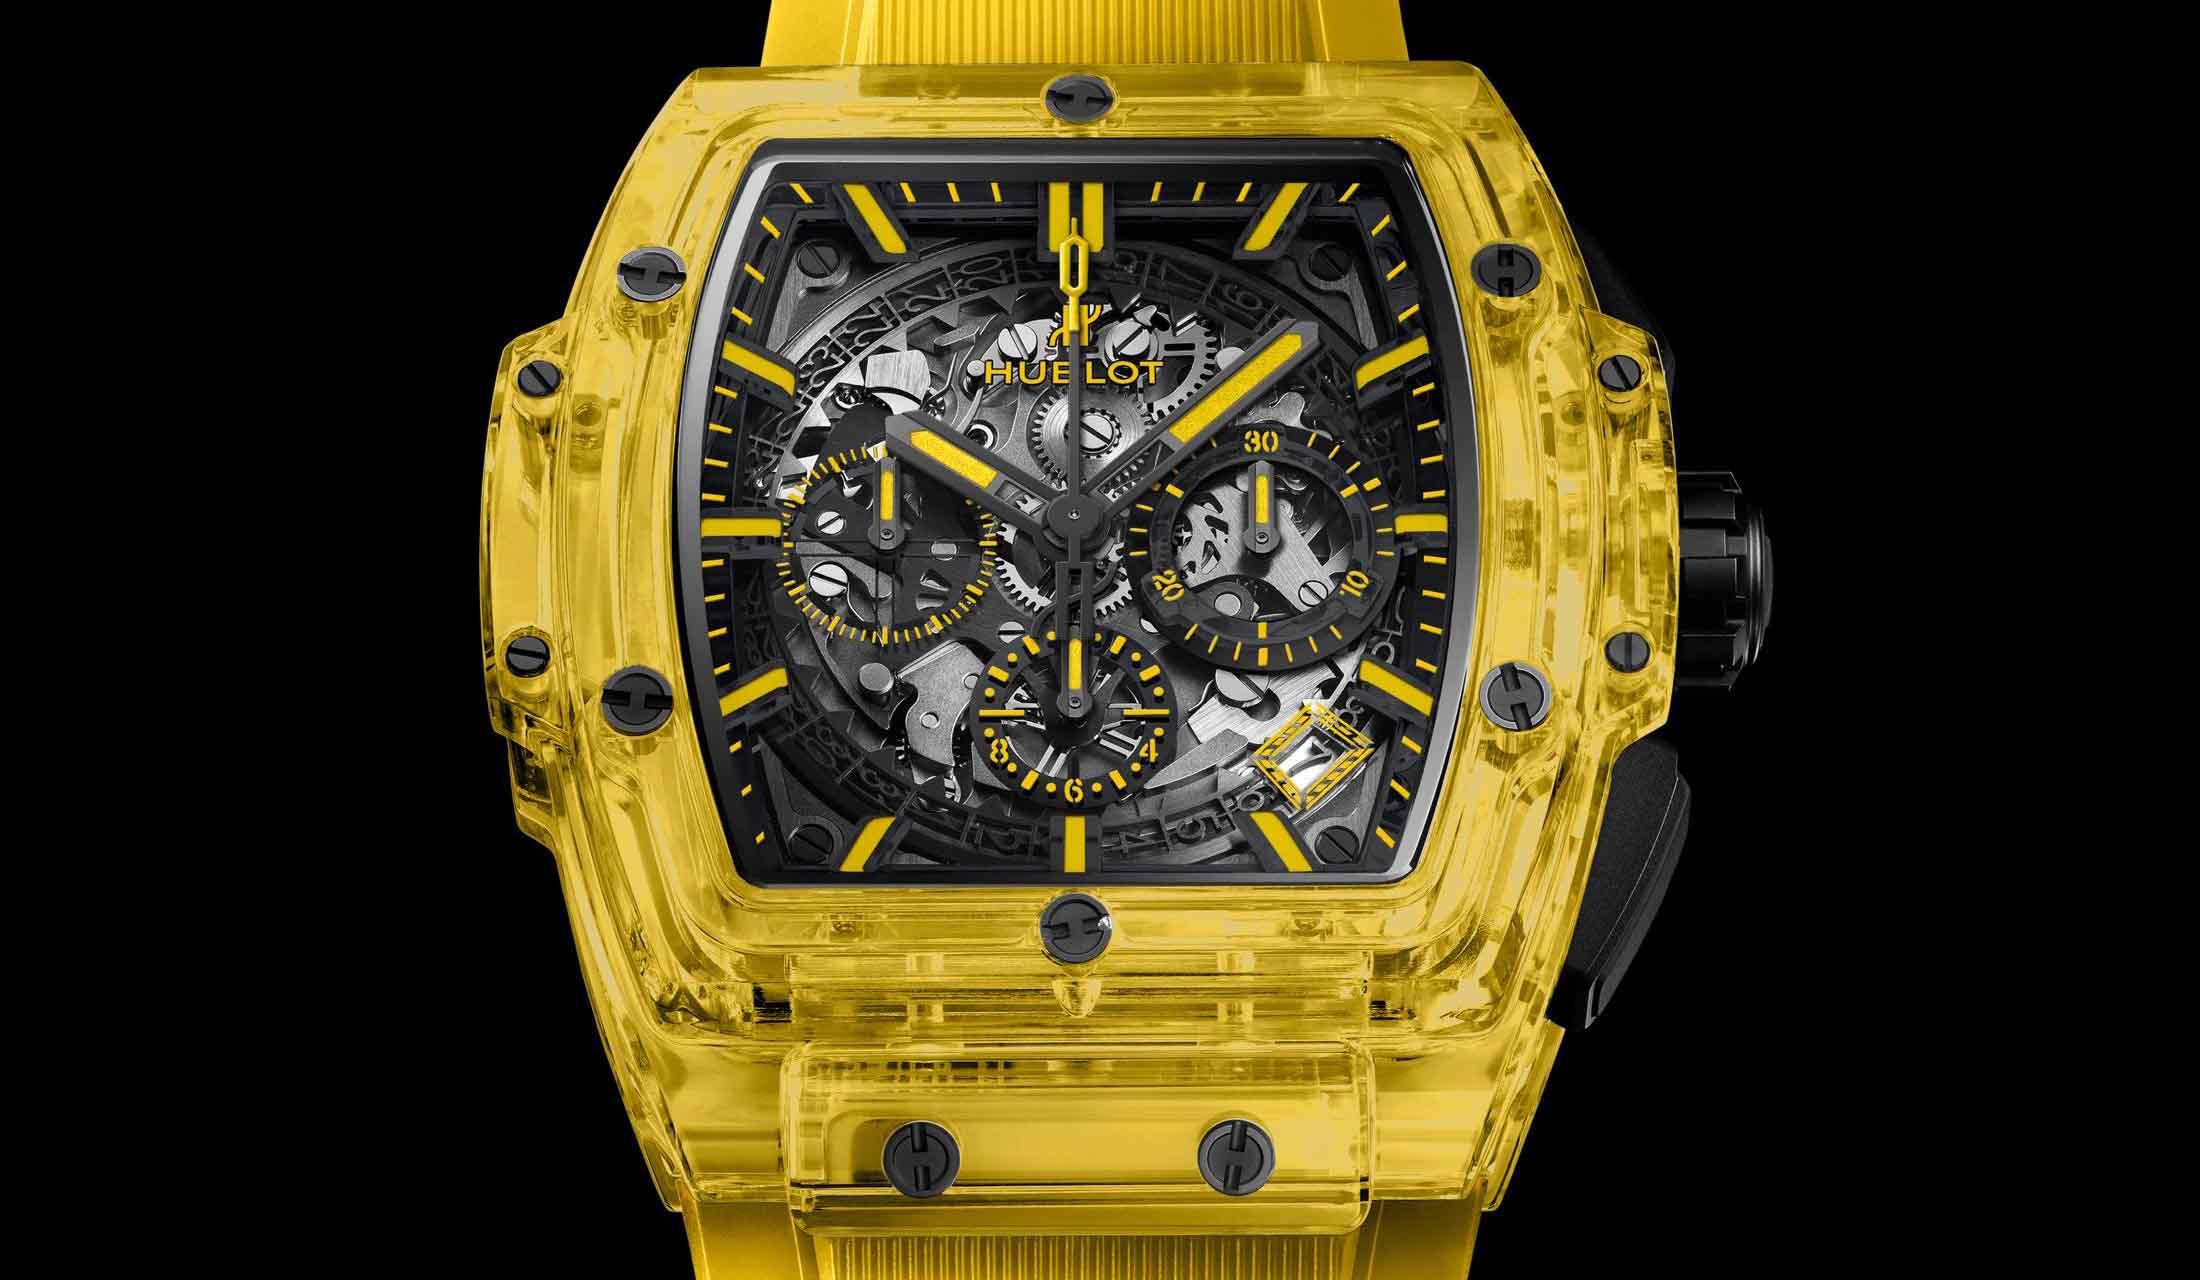 ウブロの2019年新作時計「スピリット オブ ビッグ・バン イエローサファイア」